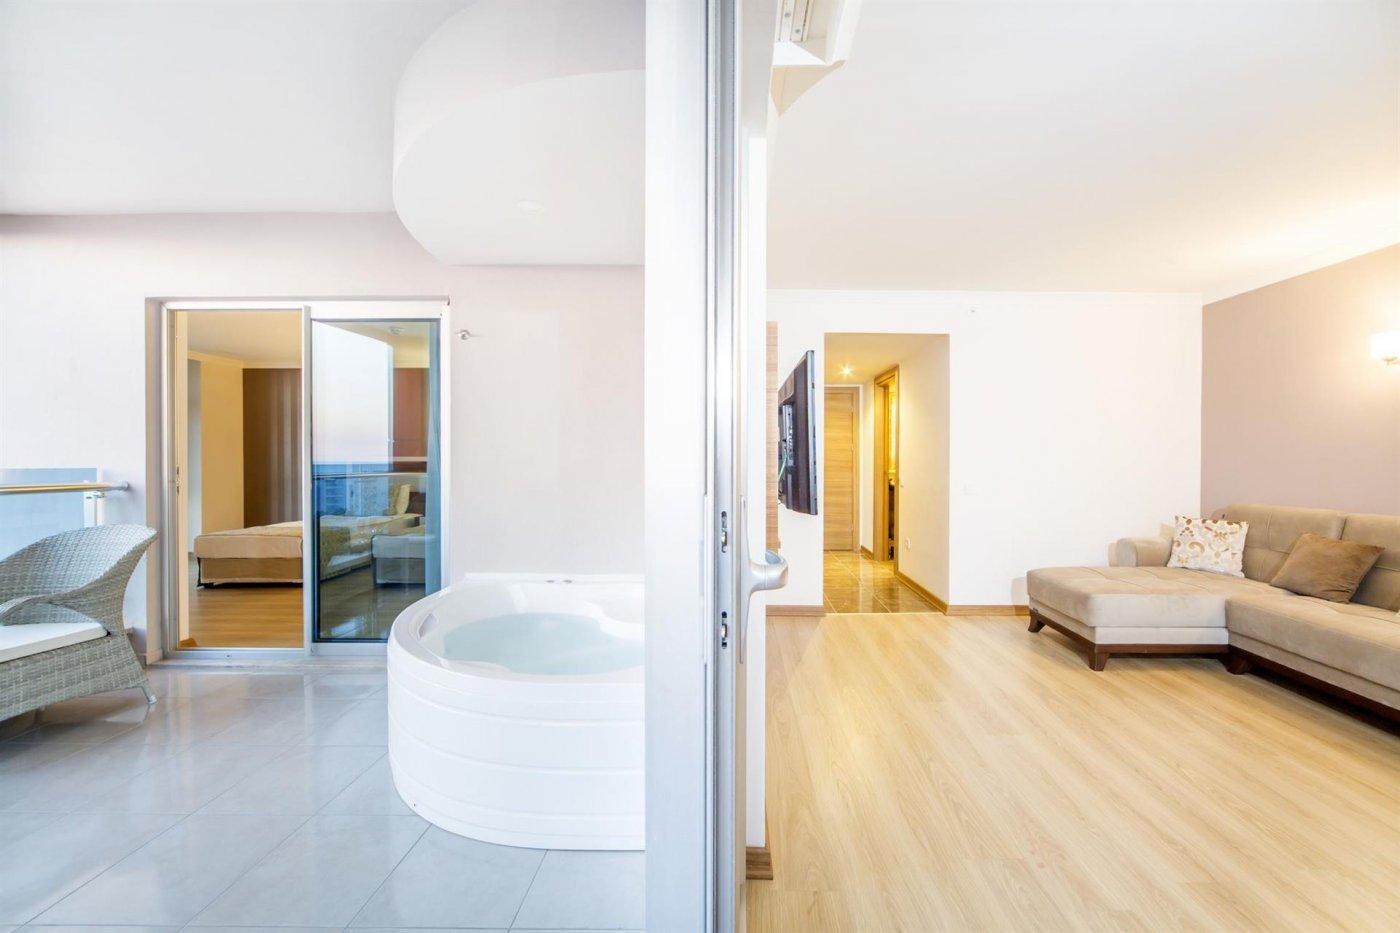 Номер Suite отеля Lonicera Resort & Spa 5* (Лонисера Резорт энд Спа 5*)